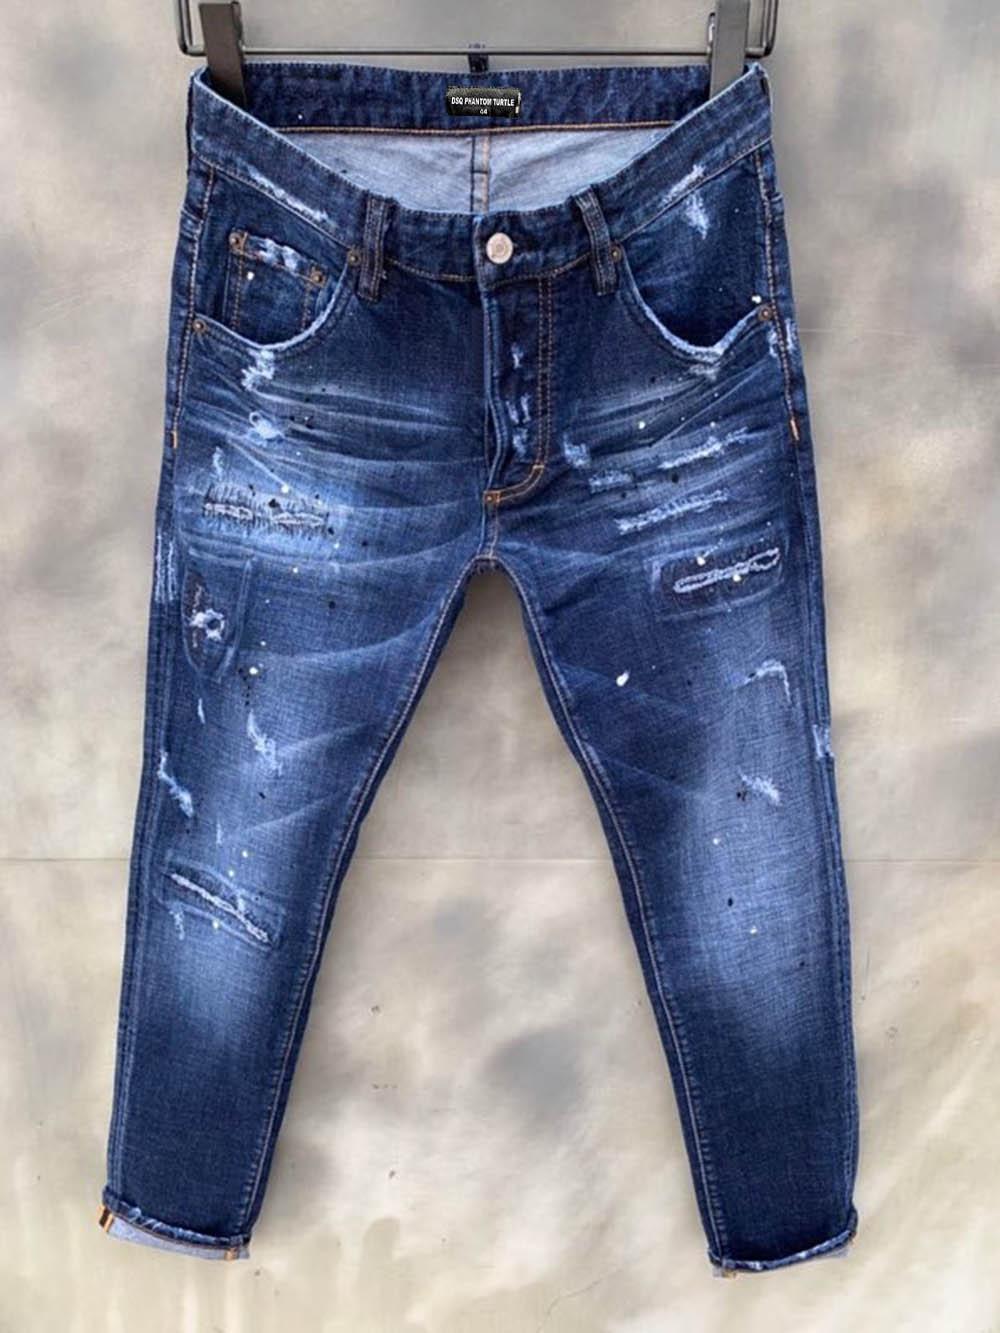 DSQUARED2 DSQUARED DSQ DSQ2 DsqDQ Jeans Mens de luxe Designer Jeans Skinny Ripple Cool Guy Causal Hole Denim Fashion Marque Fit Jeans Hommes lavés Pantalons 61296 Woz Gzi